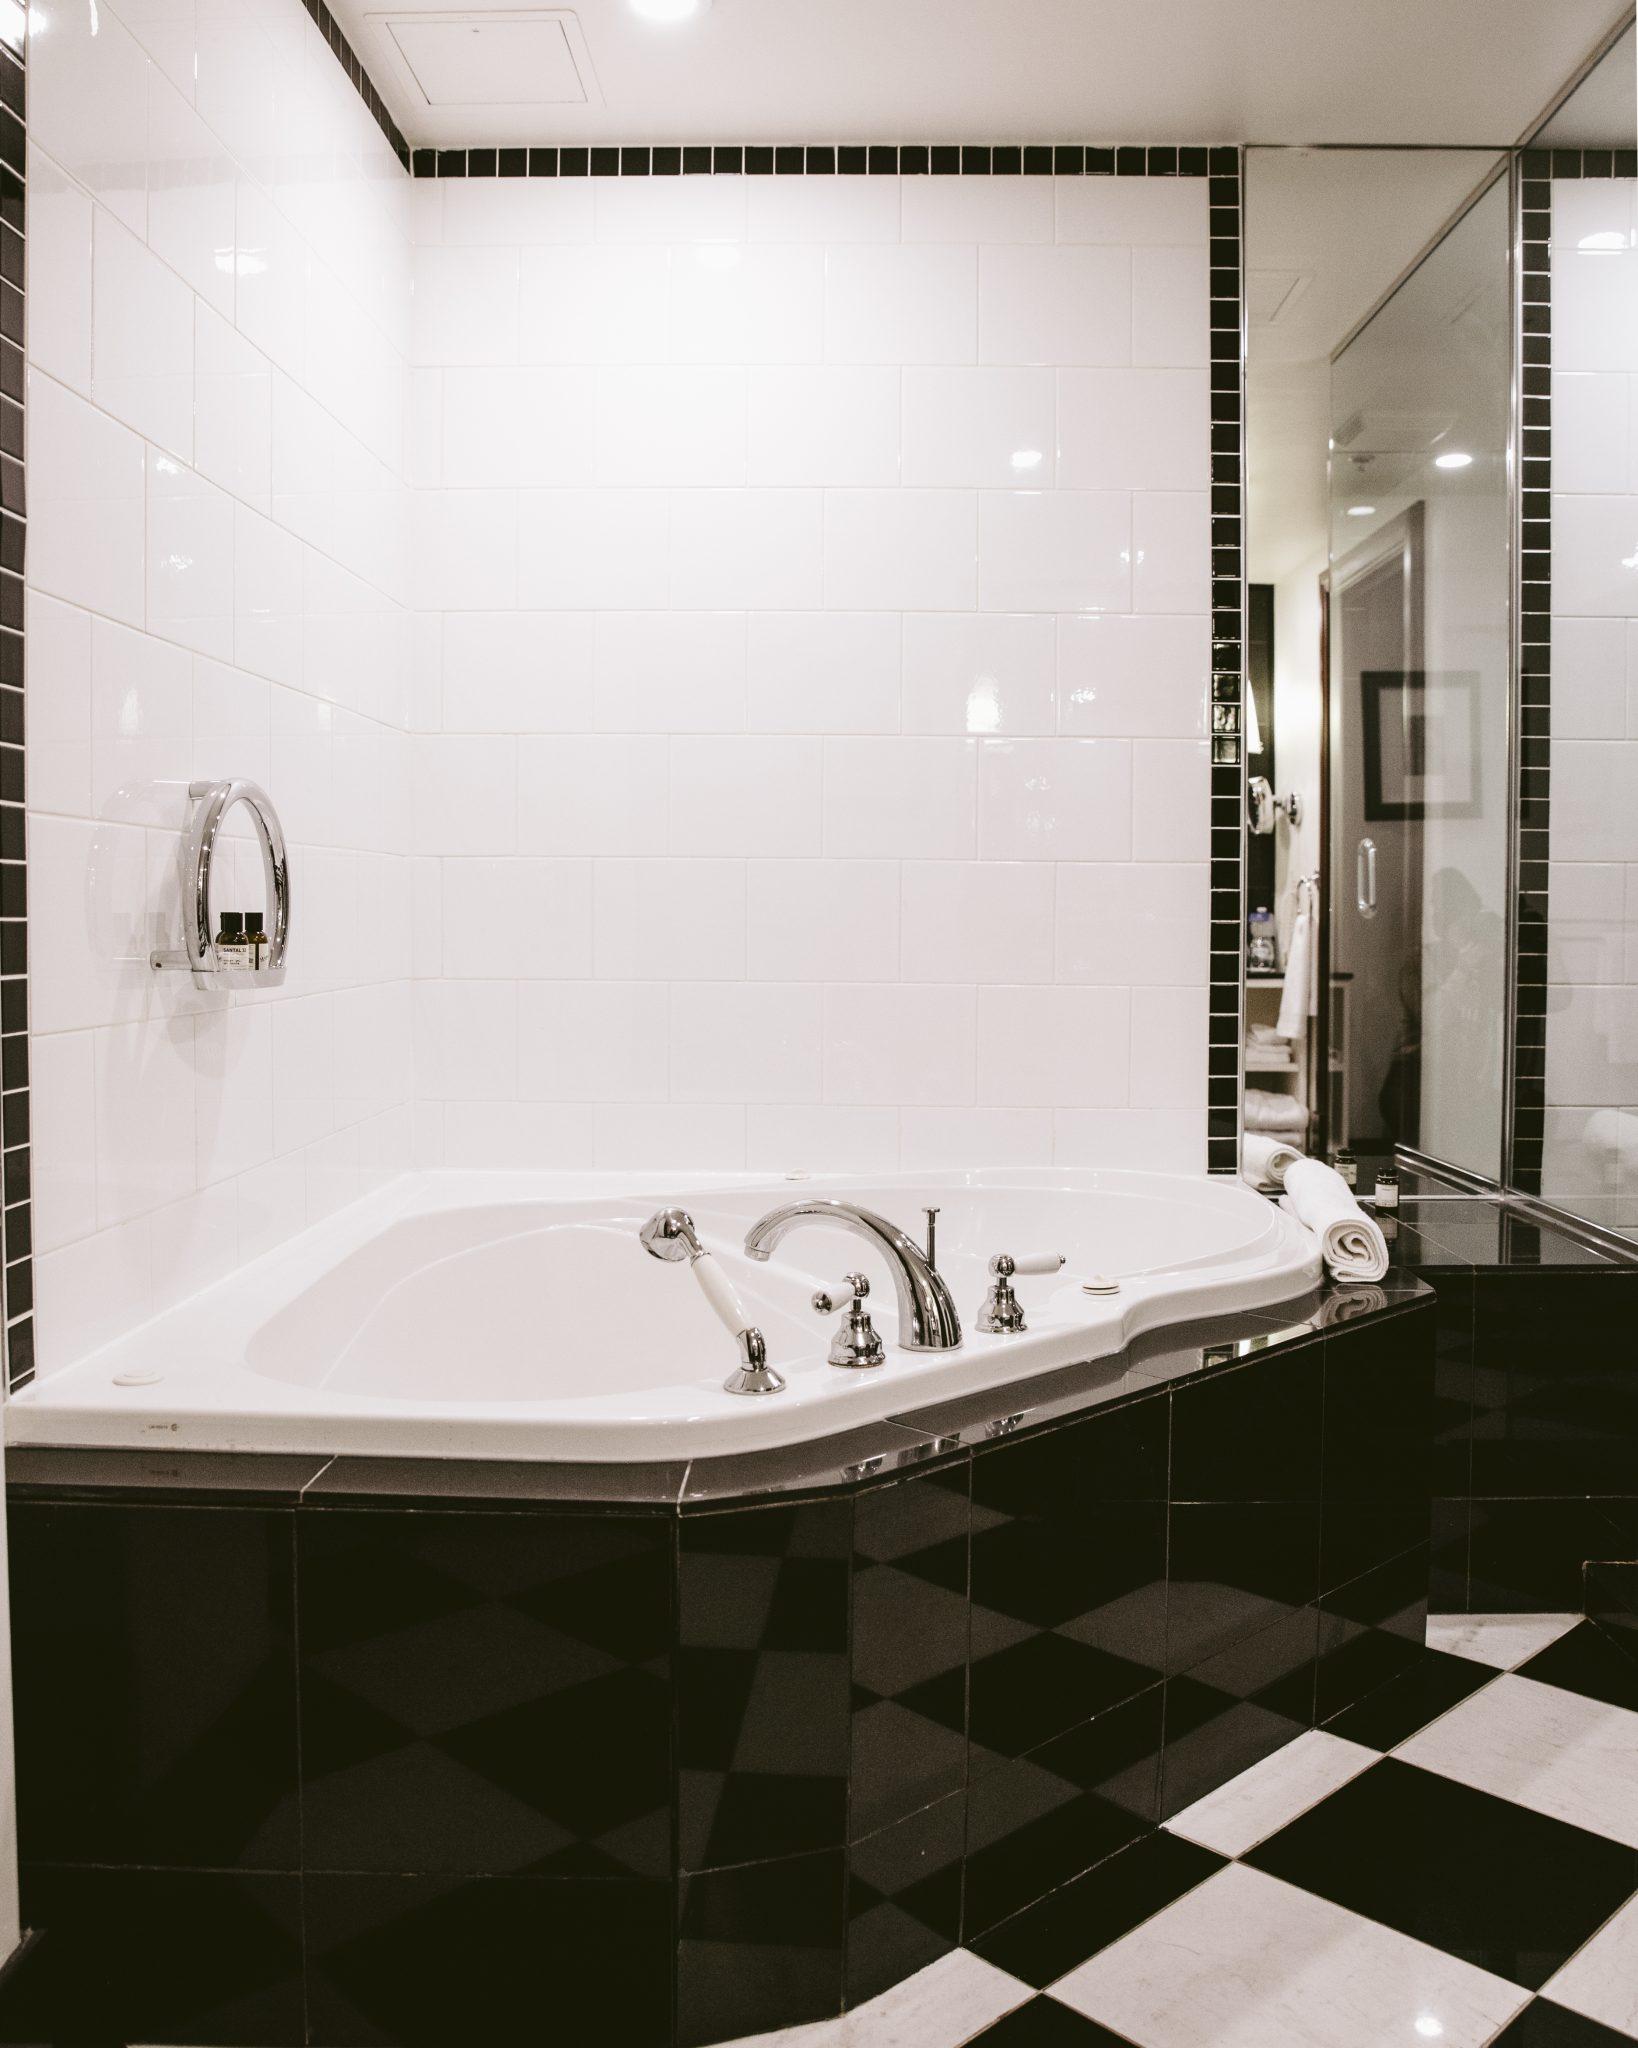 Salle de bain des chambres supérieures de l'Hôtel Place d'Armes